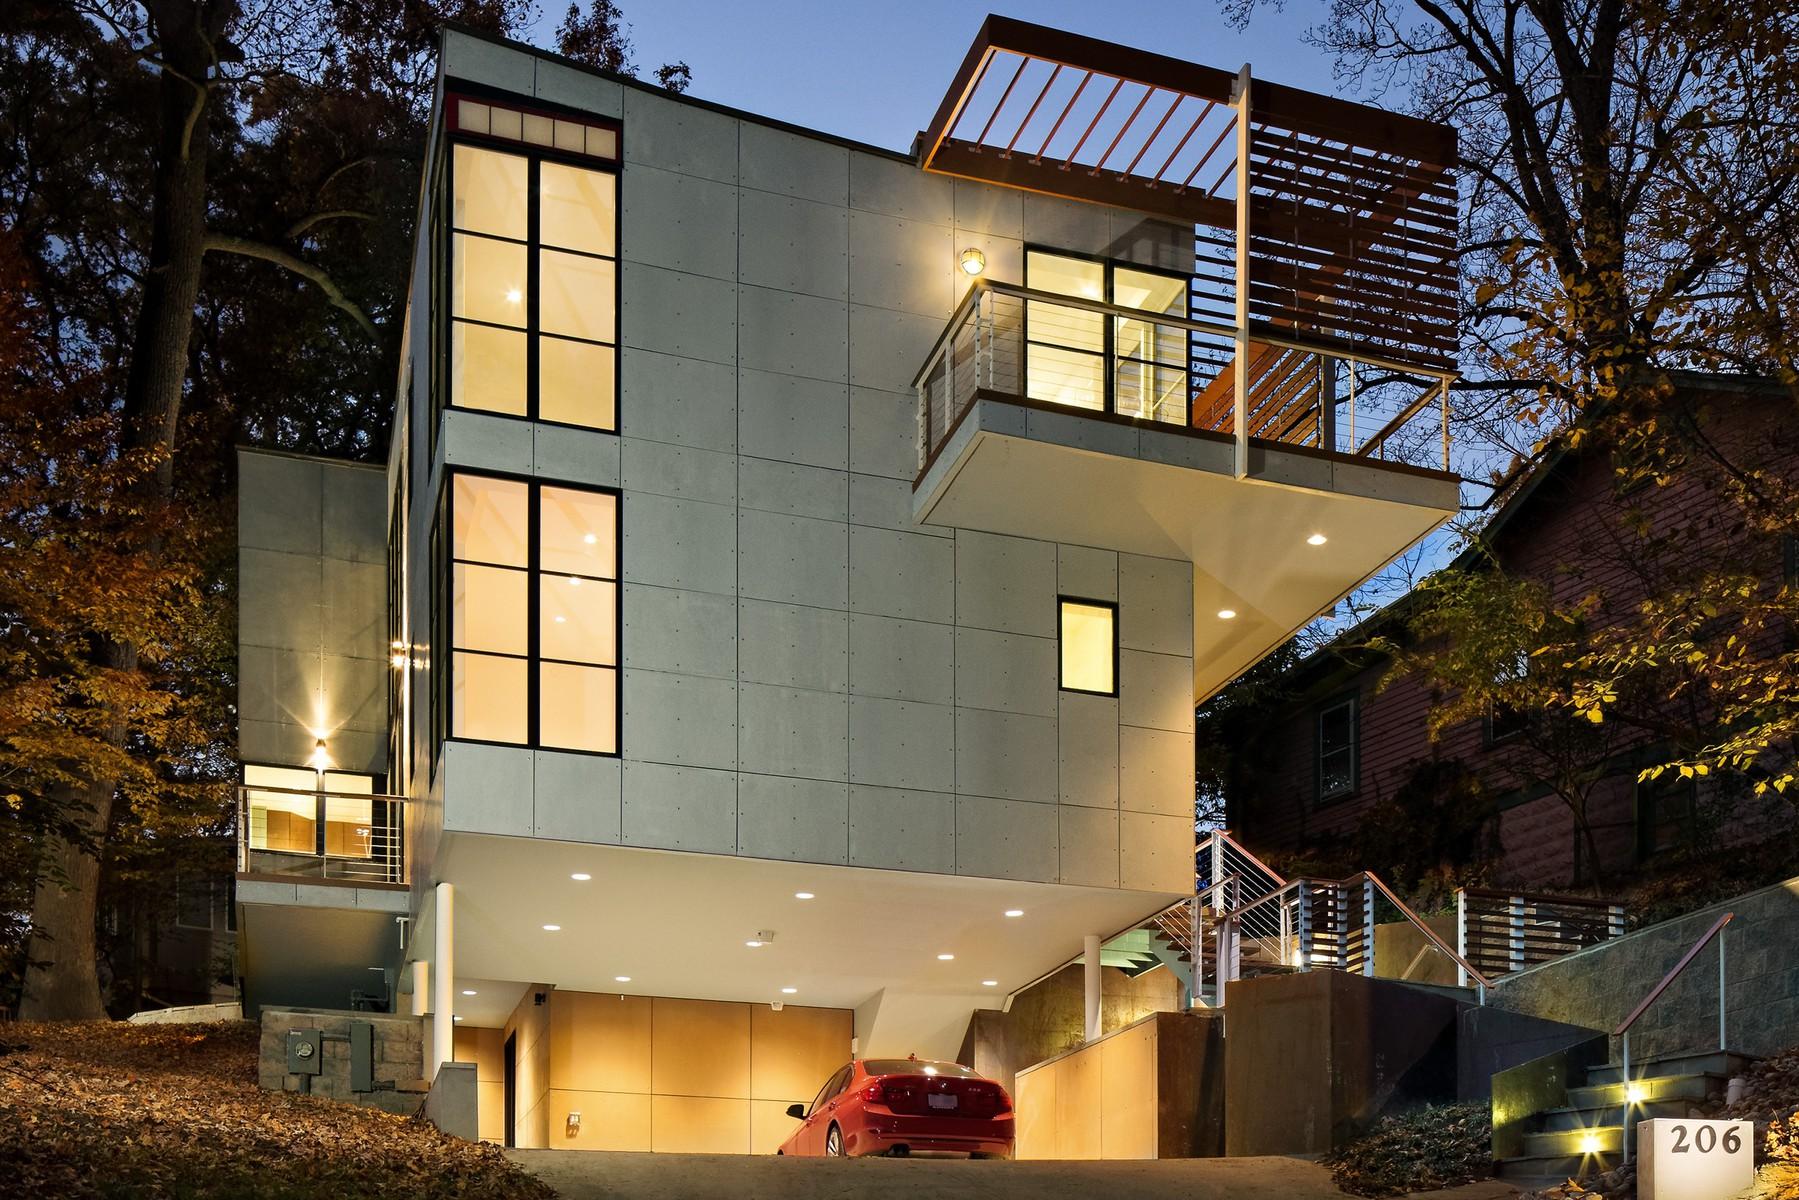 独户住宅 为 销售 在 206 Domer Avenue, Takoma Park Takoma Park, 马里兰州 20912 美国